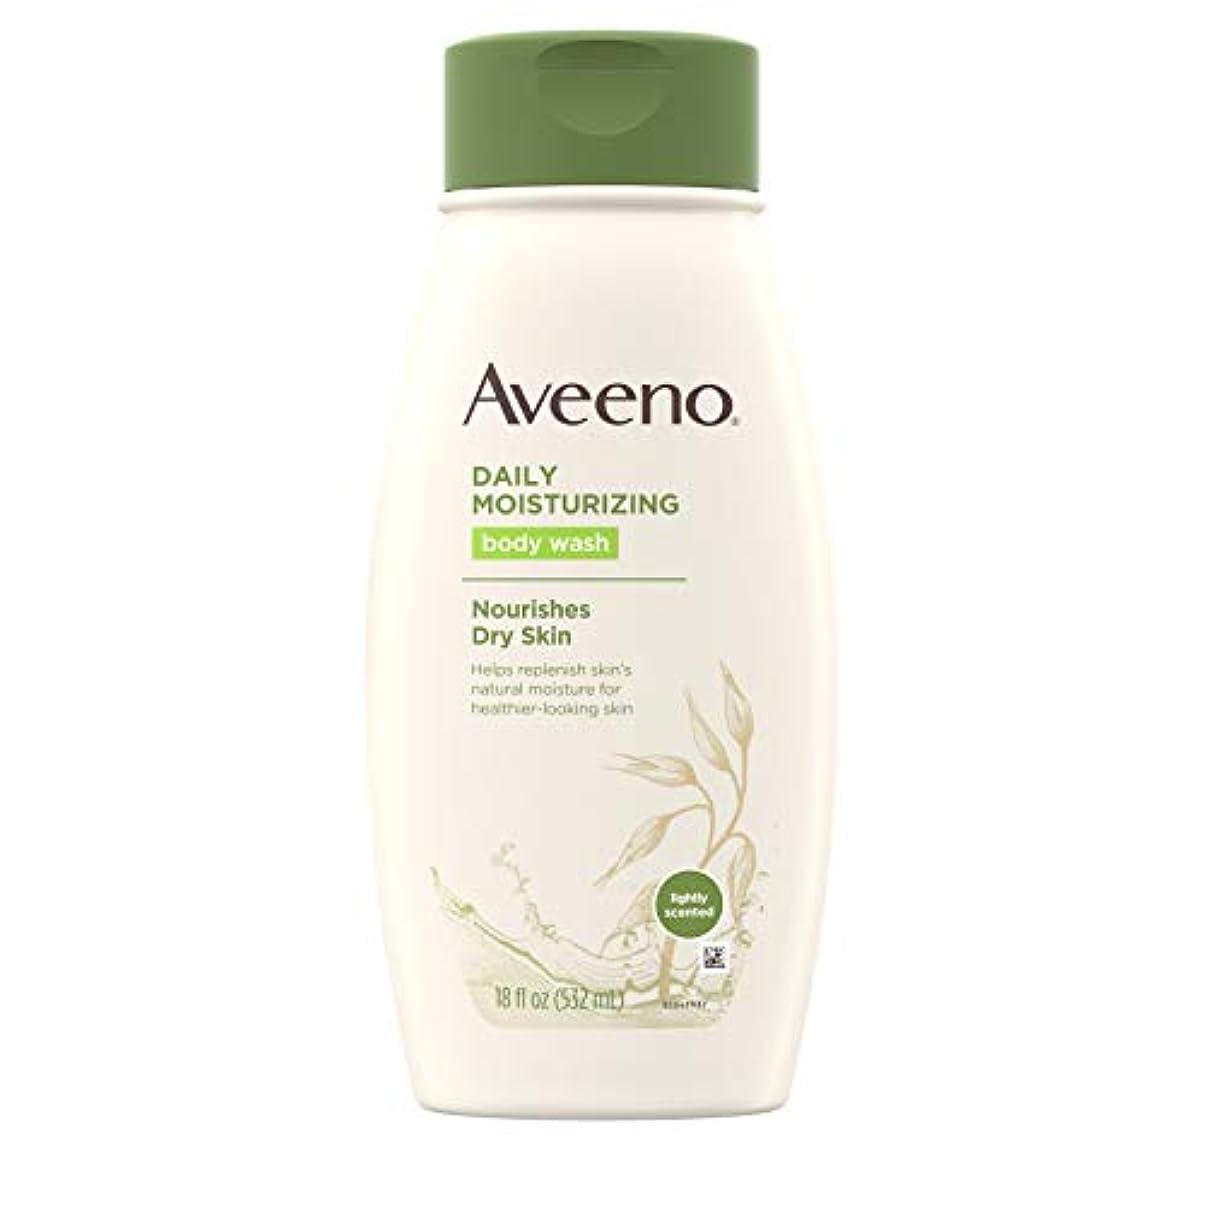 居心地の良い靴賢明なAveeno Daily Moisturizing Body Wash - 18 Oz by Aveeno